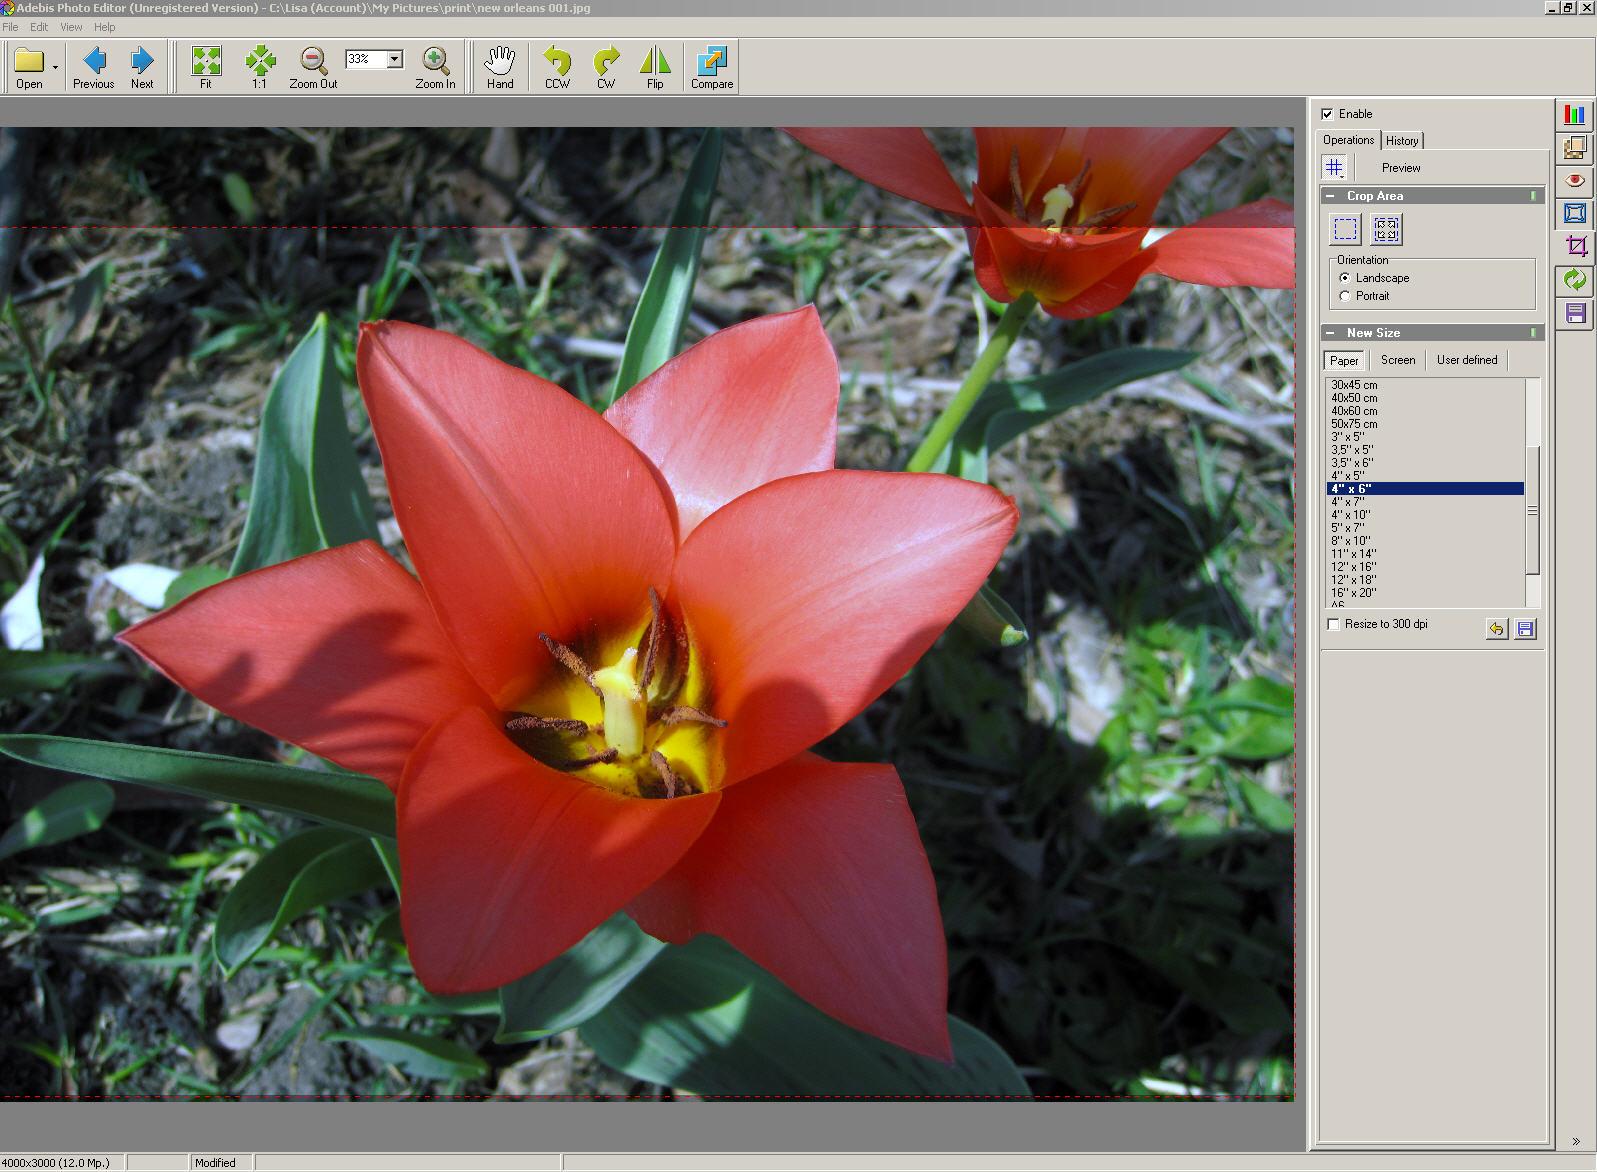 Adebis Photo Editor - nástroj pro úpravu fotografií